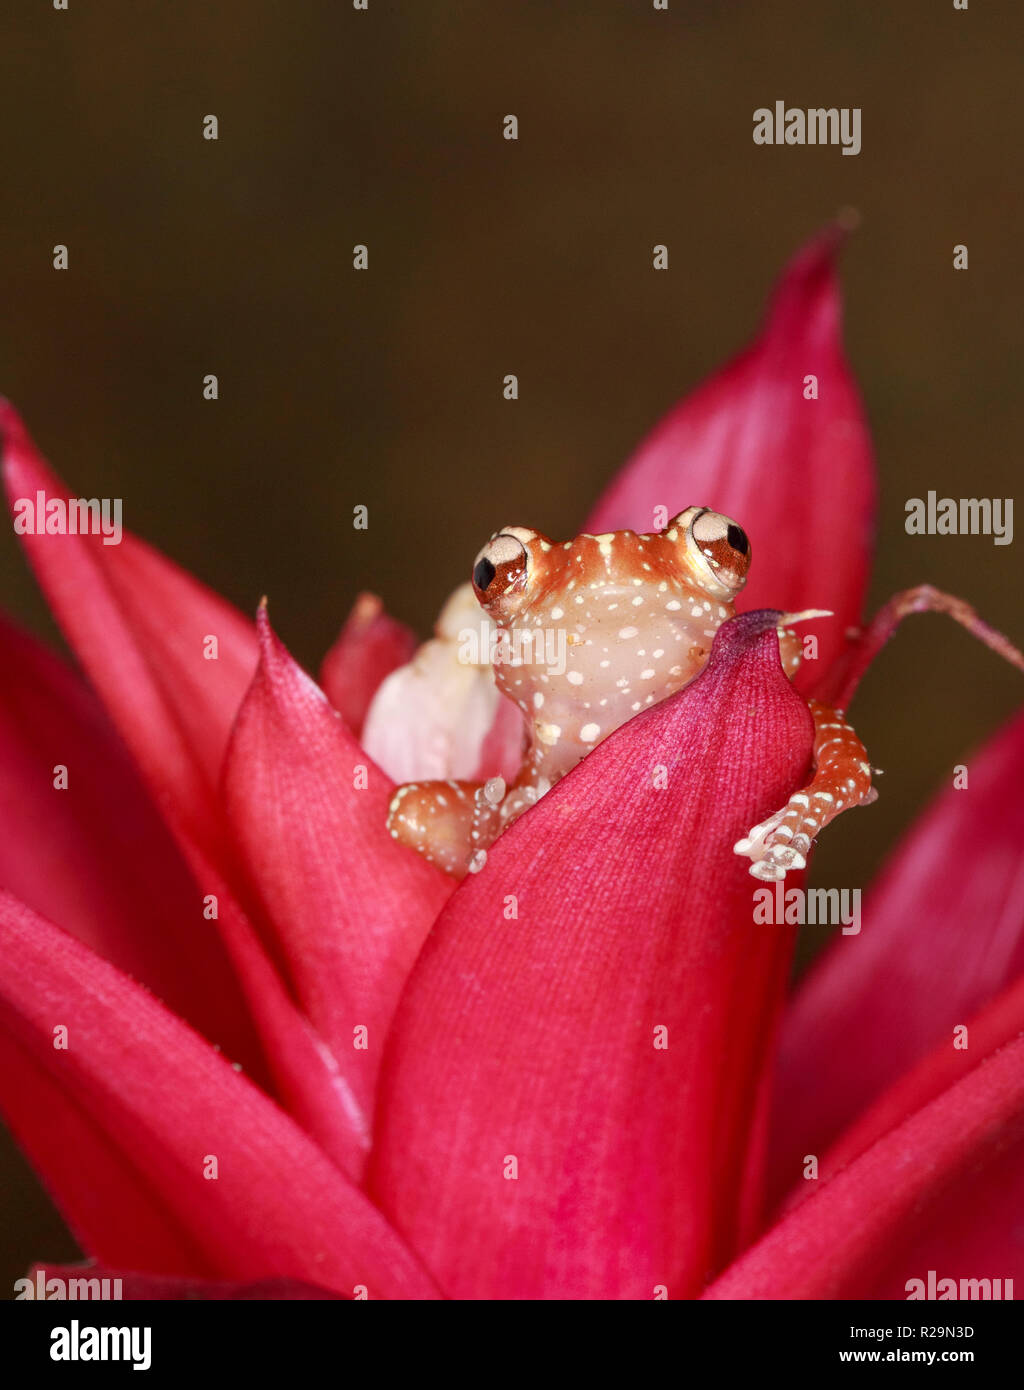 Cinnamon frog (Nyctixalus pictus) on bromeliad Stock Photo